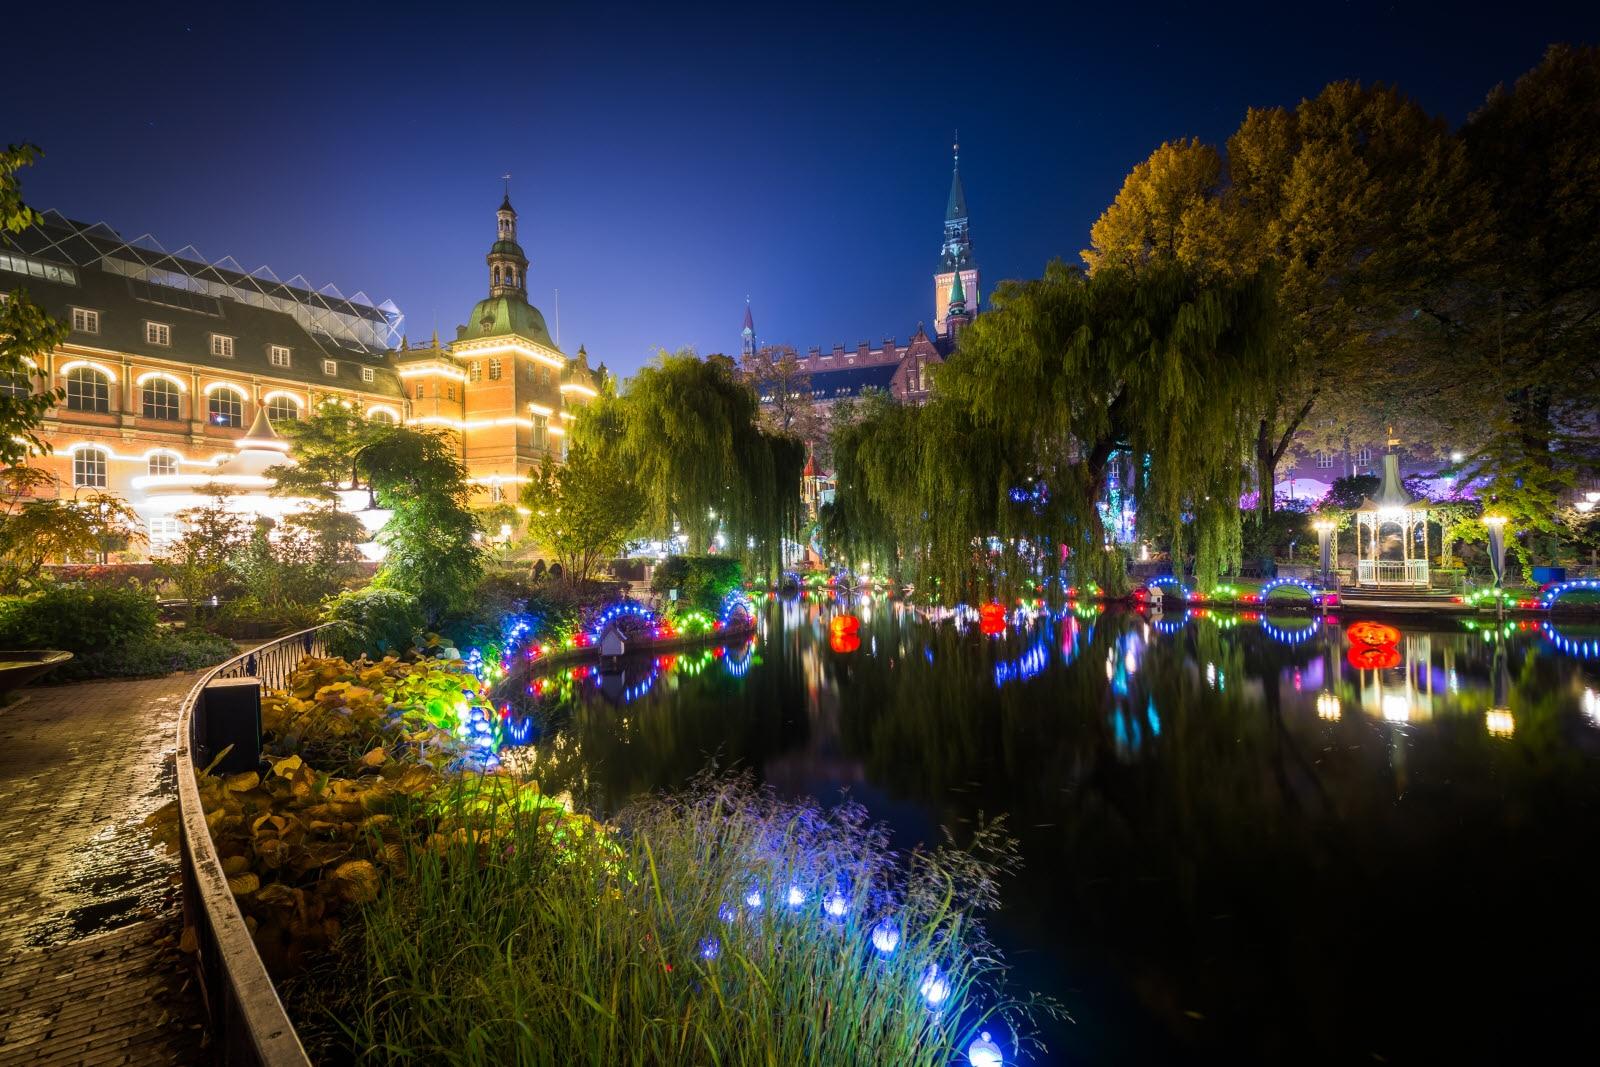 Tivoli Kopenhagen Eintritt